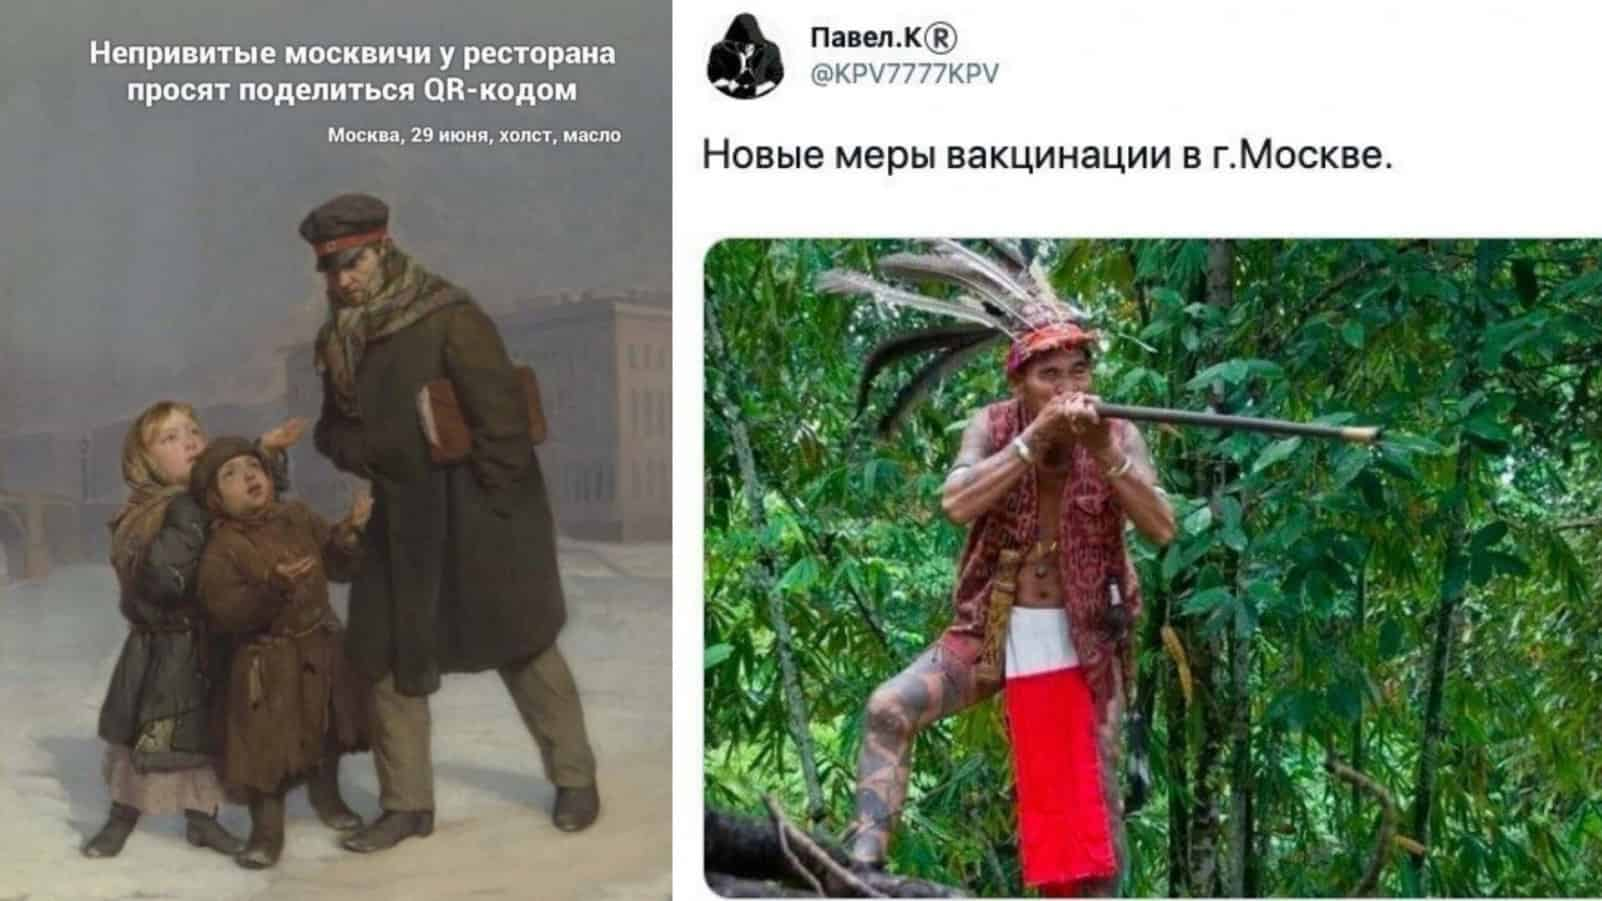 Непривитым включат отопление: юмор о новых ковидных ограничениях в России